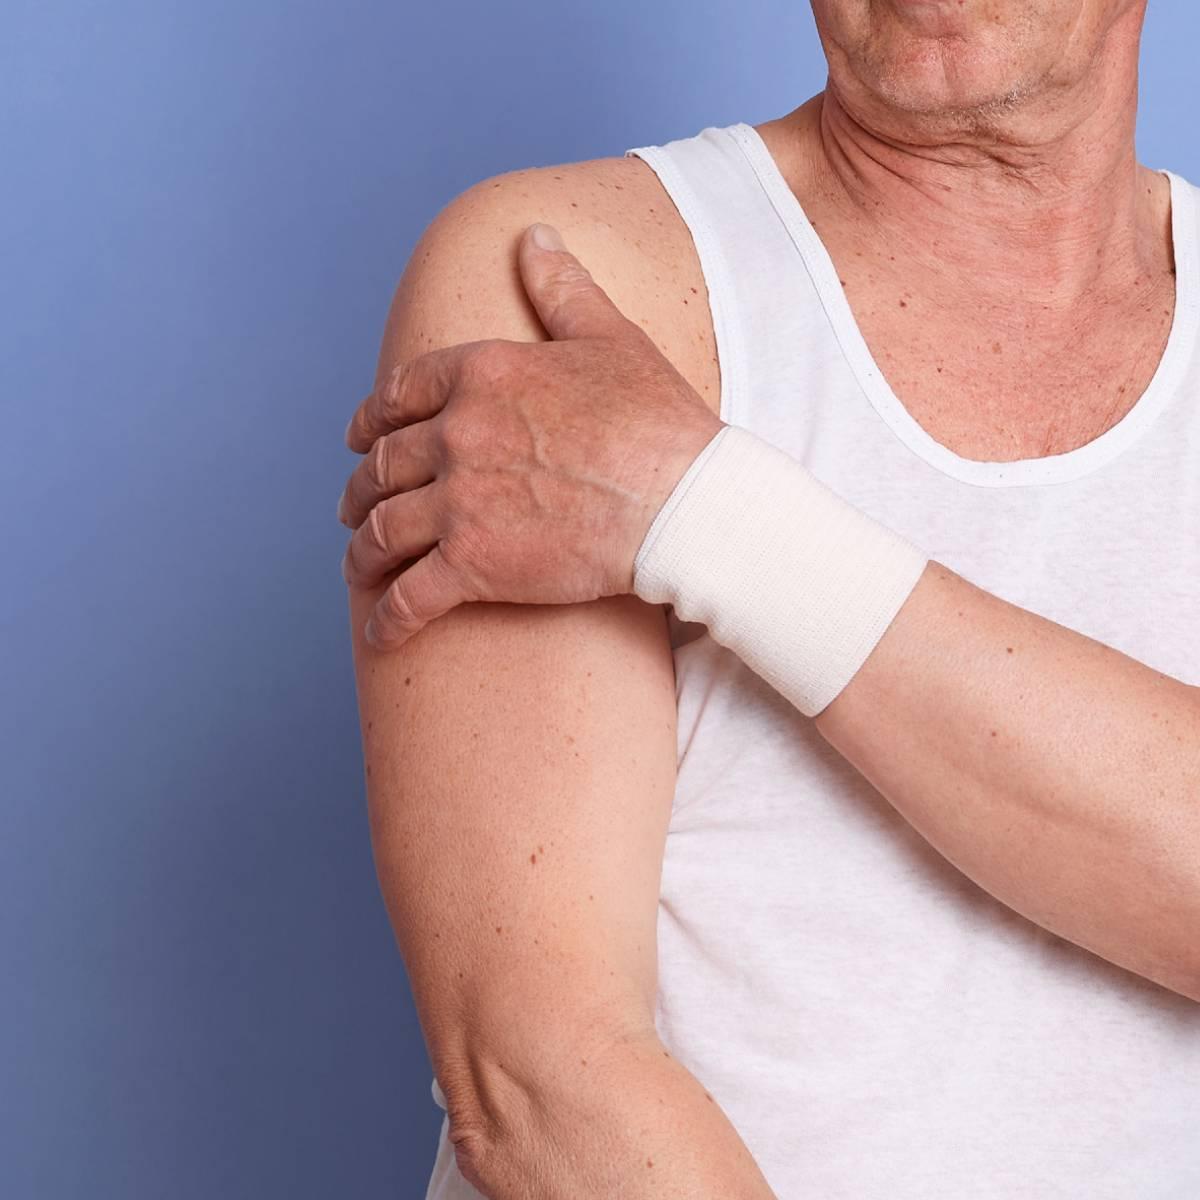 douleurs de l'épaule sénior